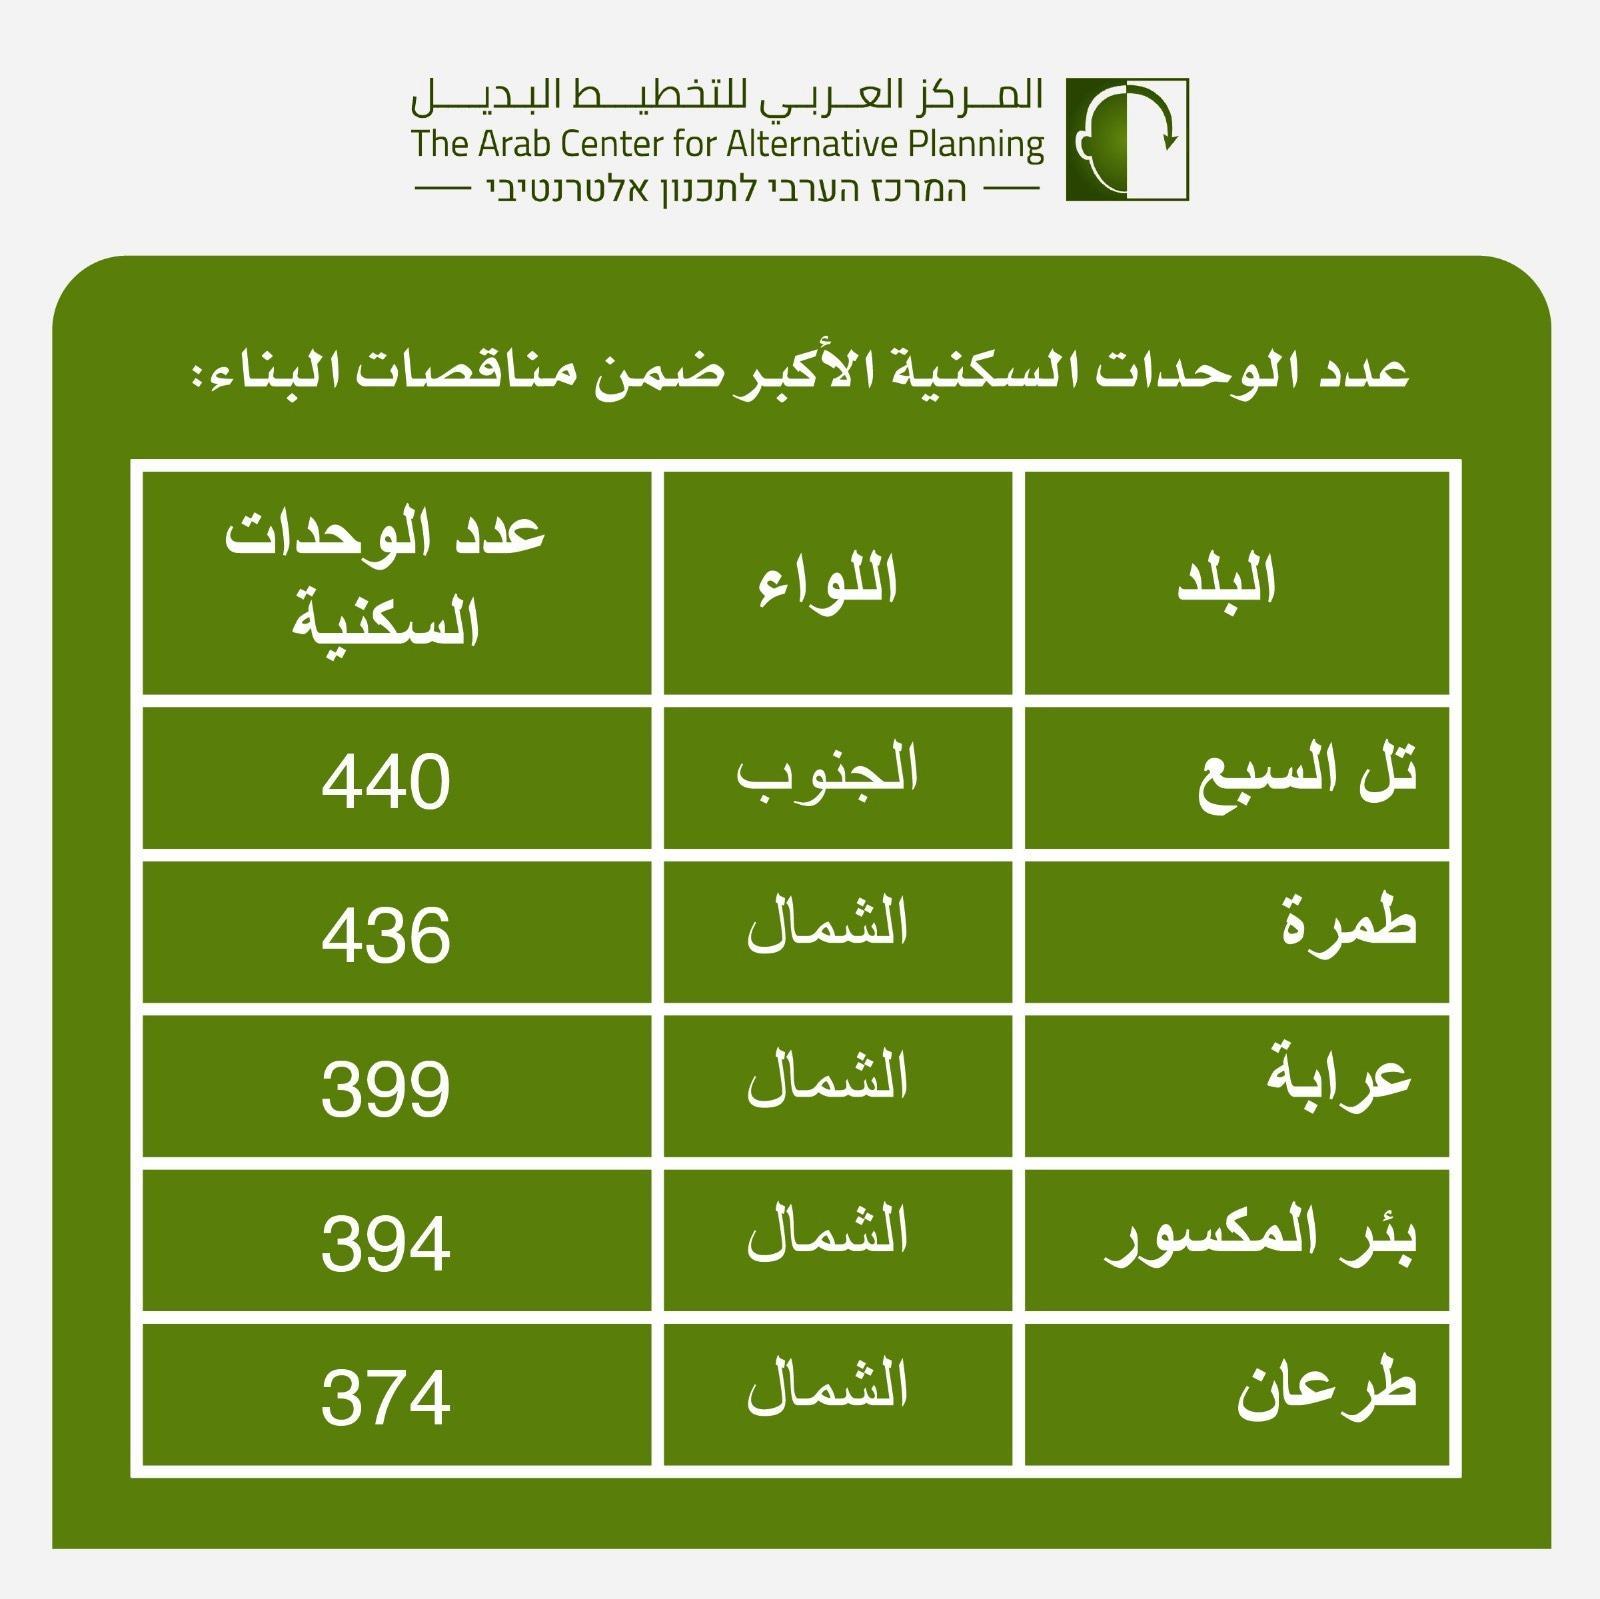 التخطيط البديل: الفجوة كبيرة لسد احتياجات البناء في البلدات العربية